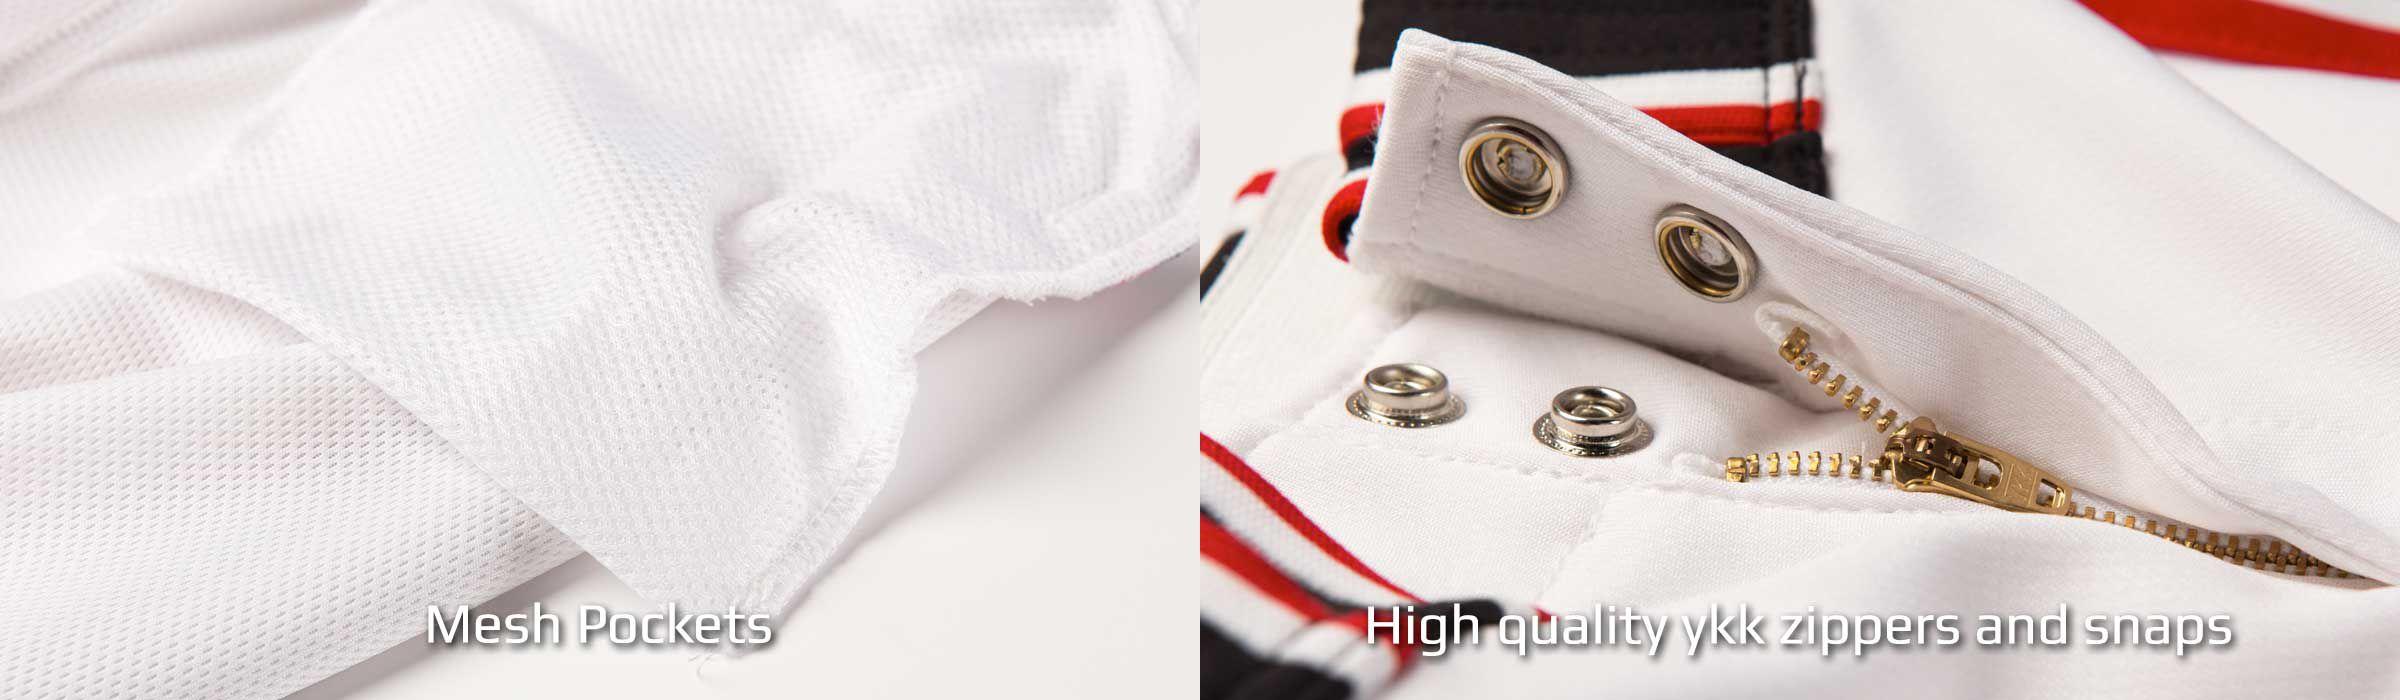 Boombah Hypertech Pant Mesh Pockets and Zipper